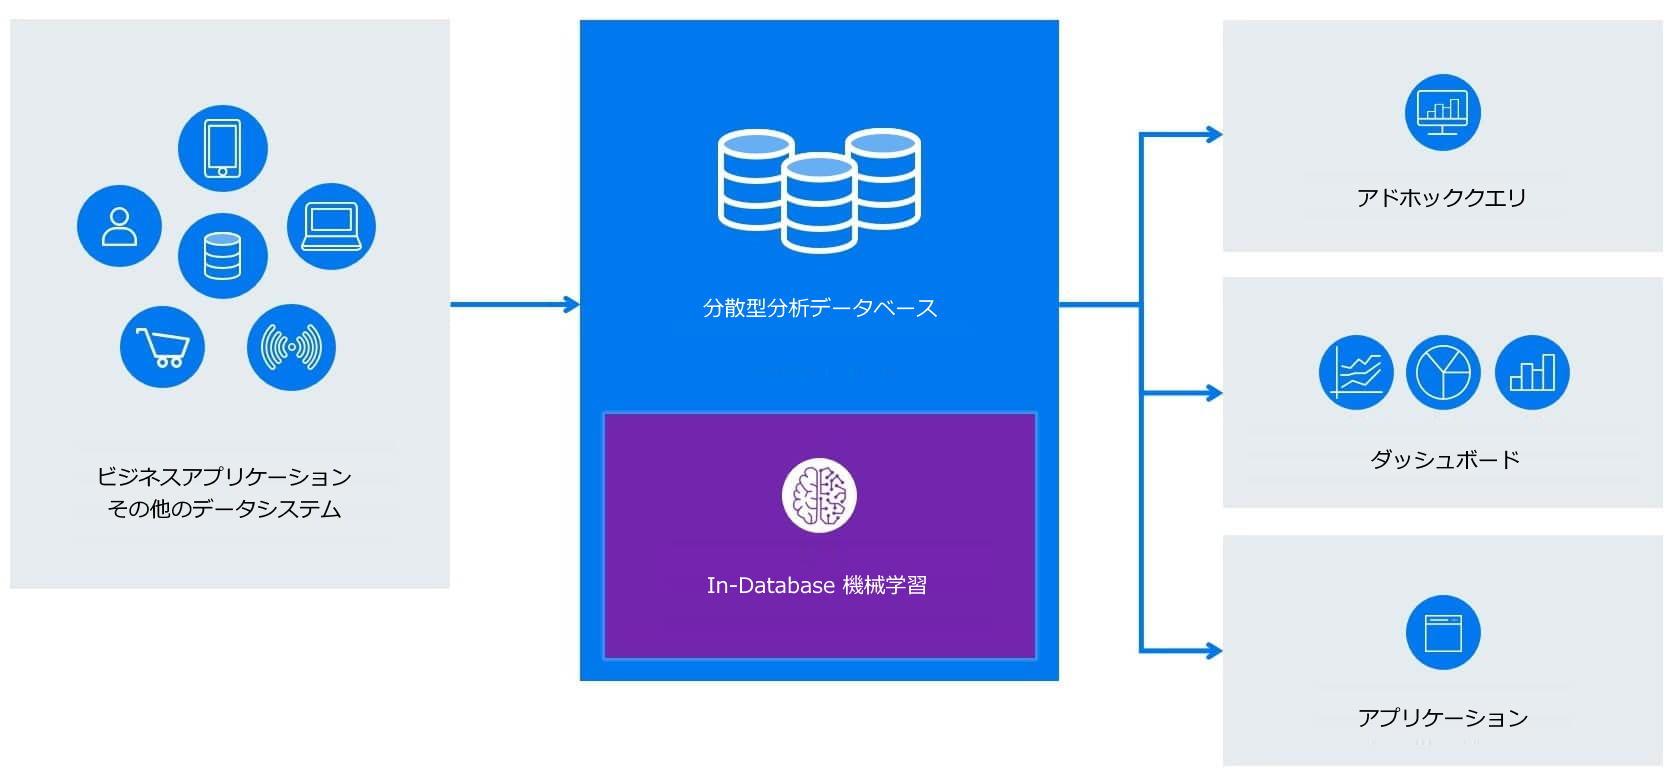 ML-in-place.jpg